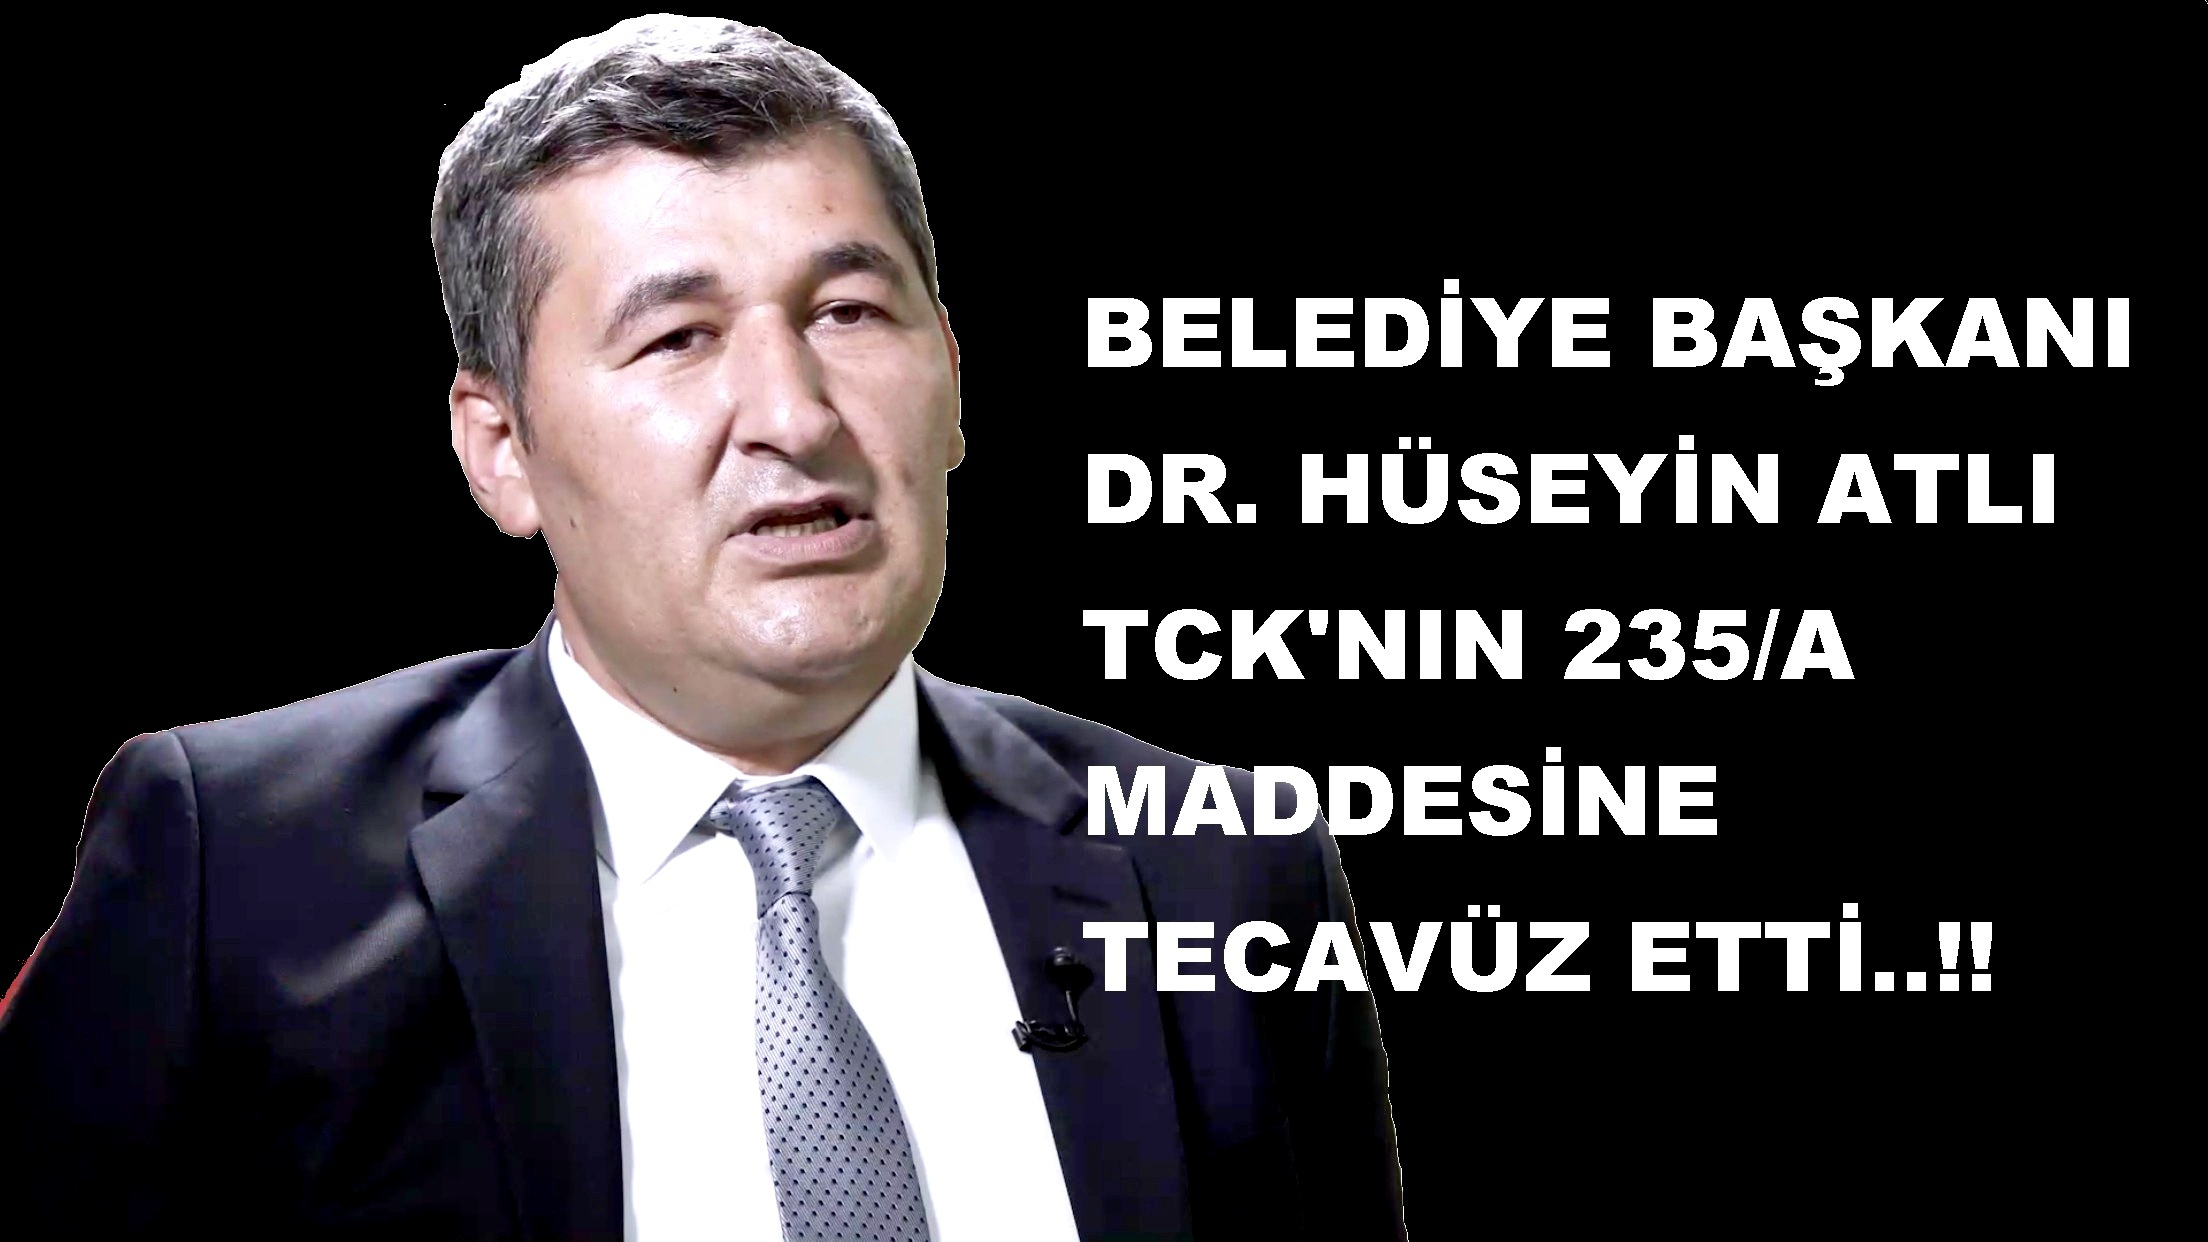 ÇAY BELEDİYESİ TCK'NIN 235/A MADDESİNE TECAVÜZ ETTİ..!!